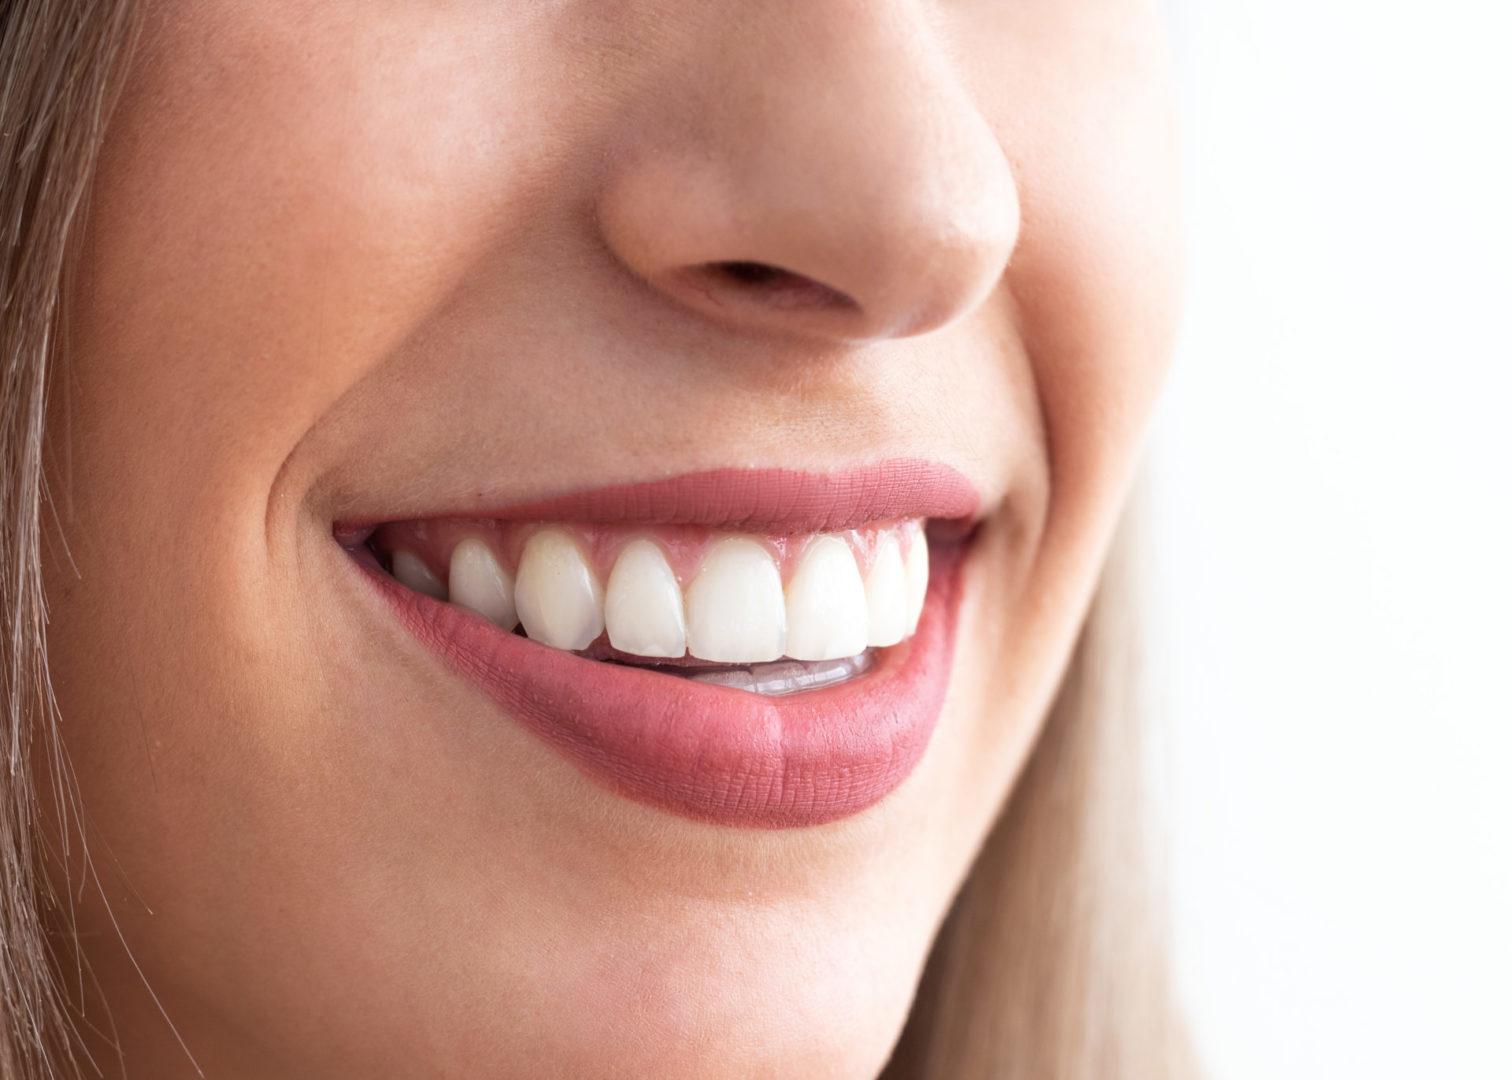 Plano detalle de una sonrisa